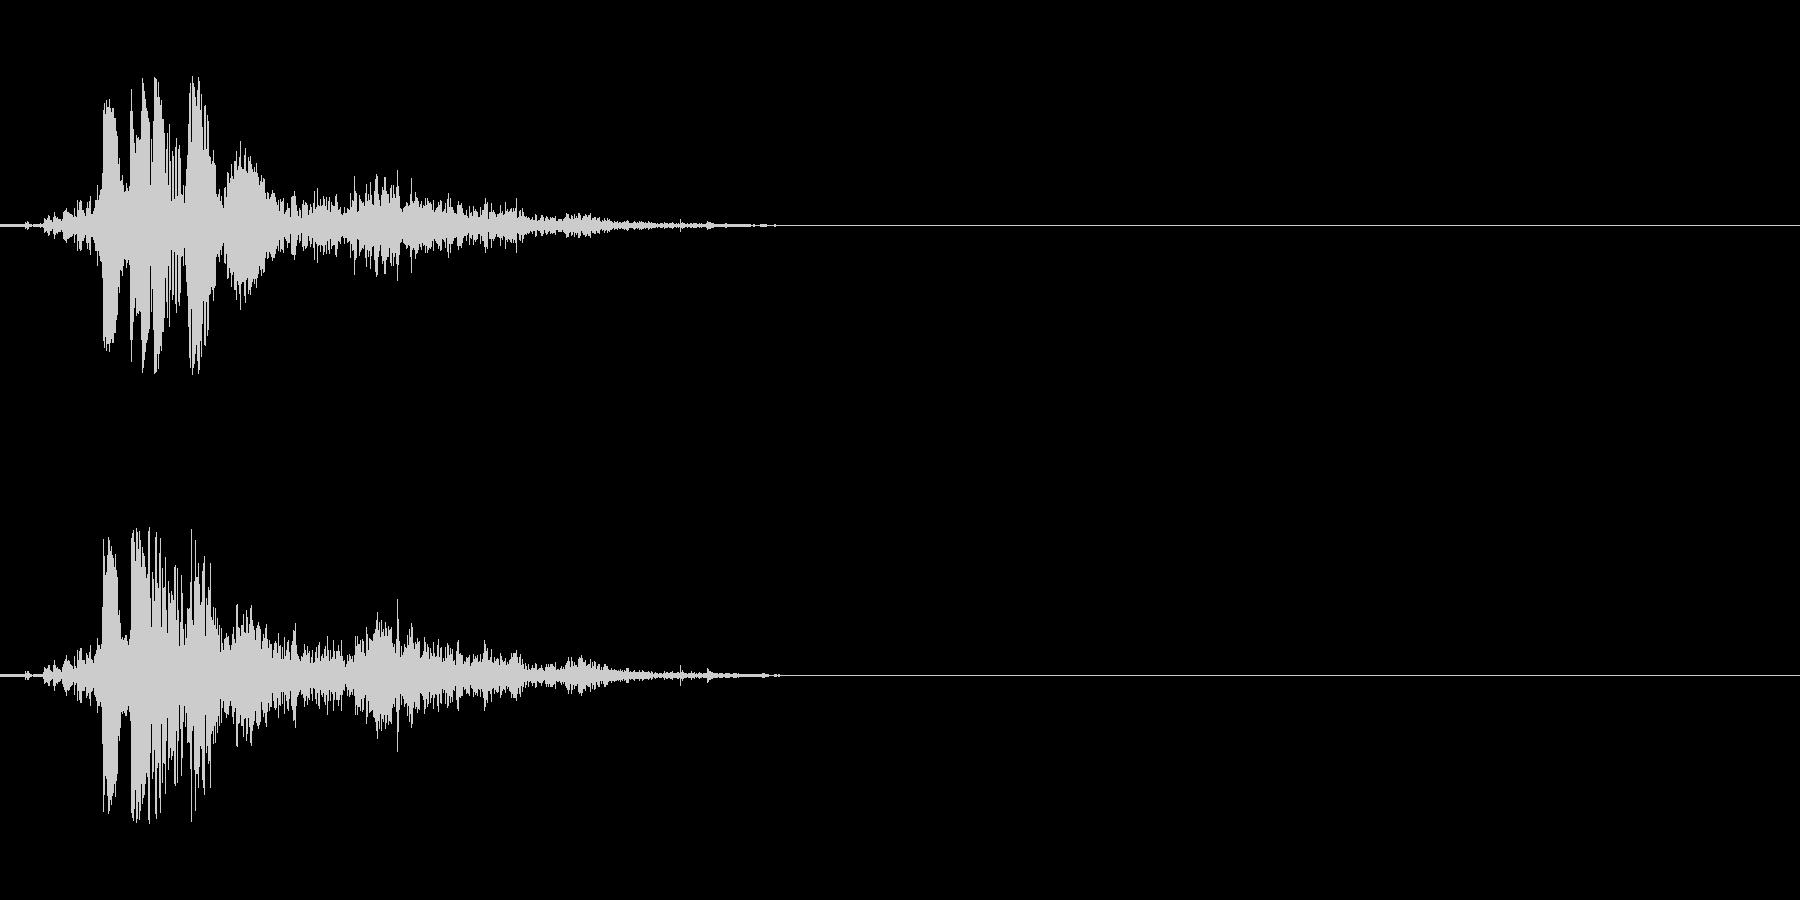 ハンドガン ワンショット1の未再生の波形